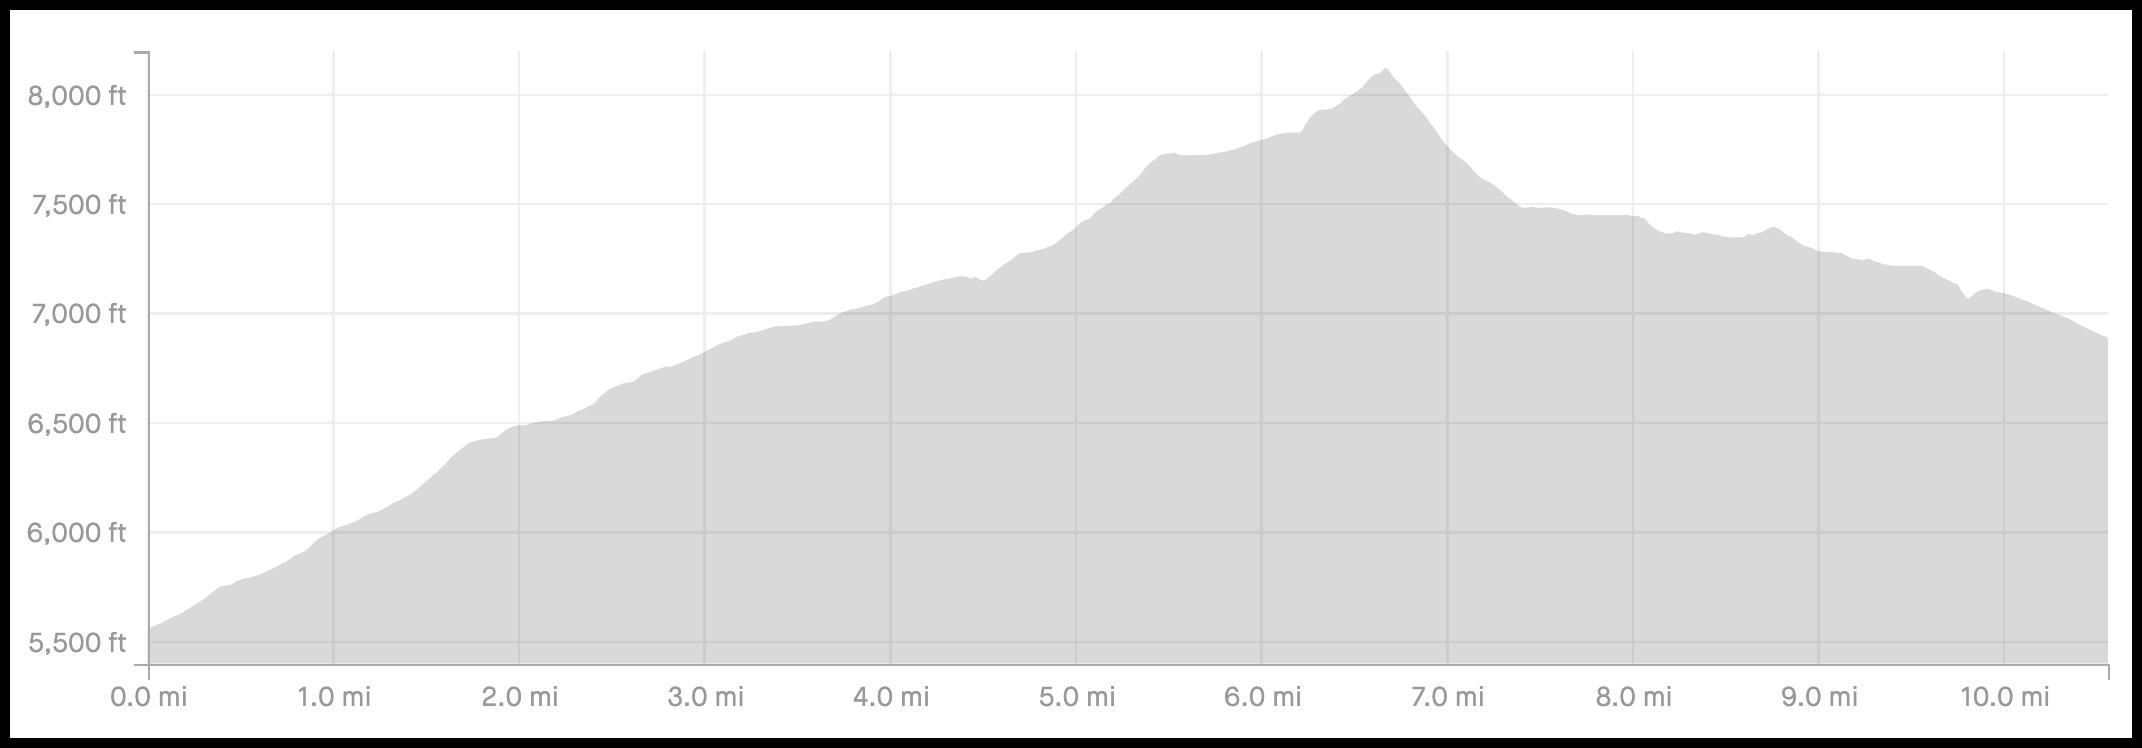 Skoki Loop Via Packer Pass Elevation Profile